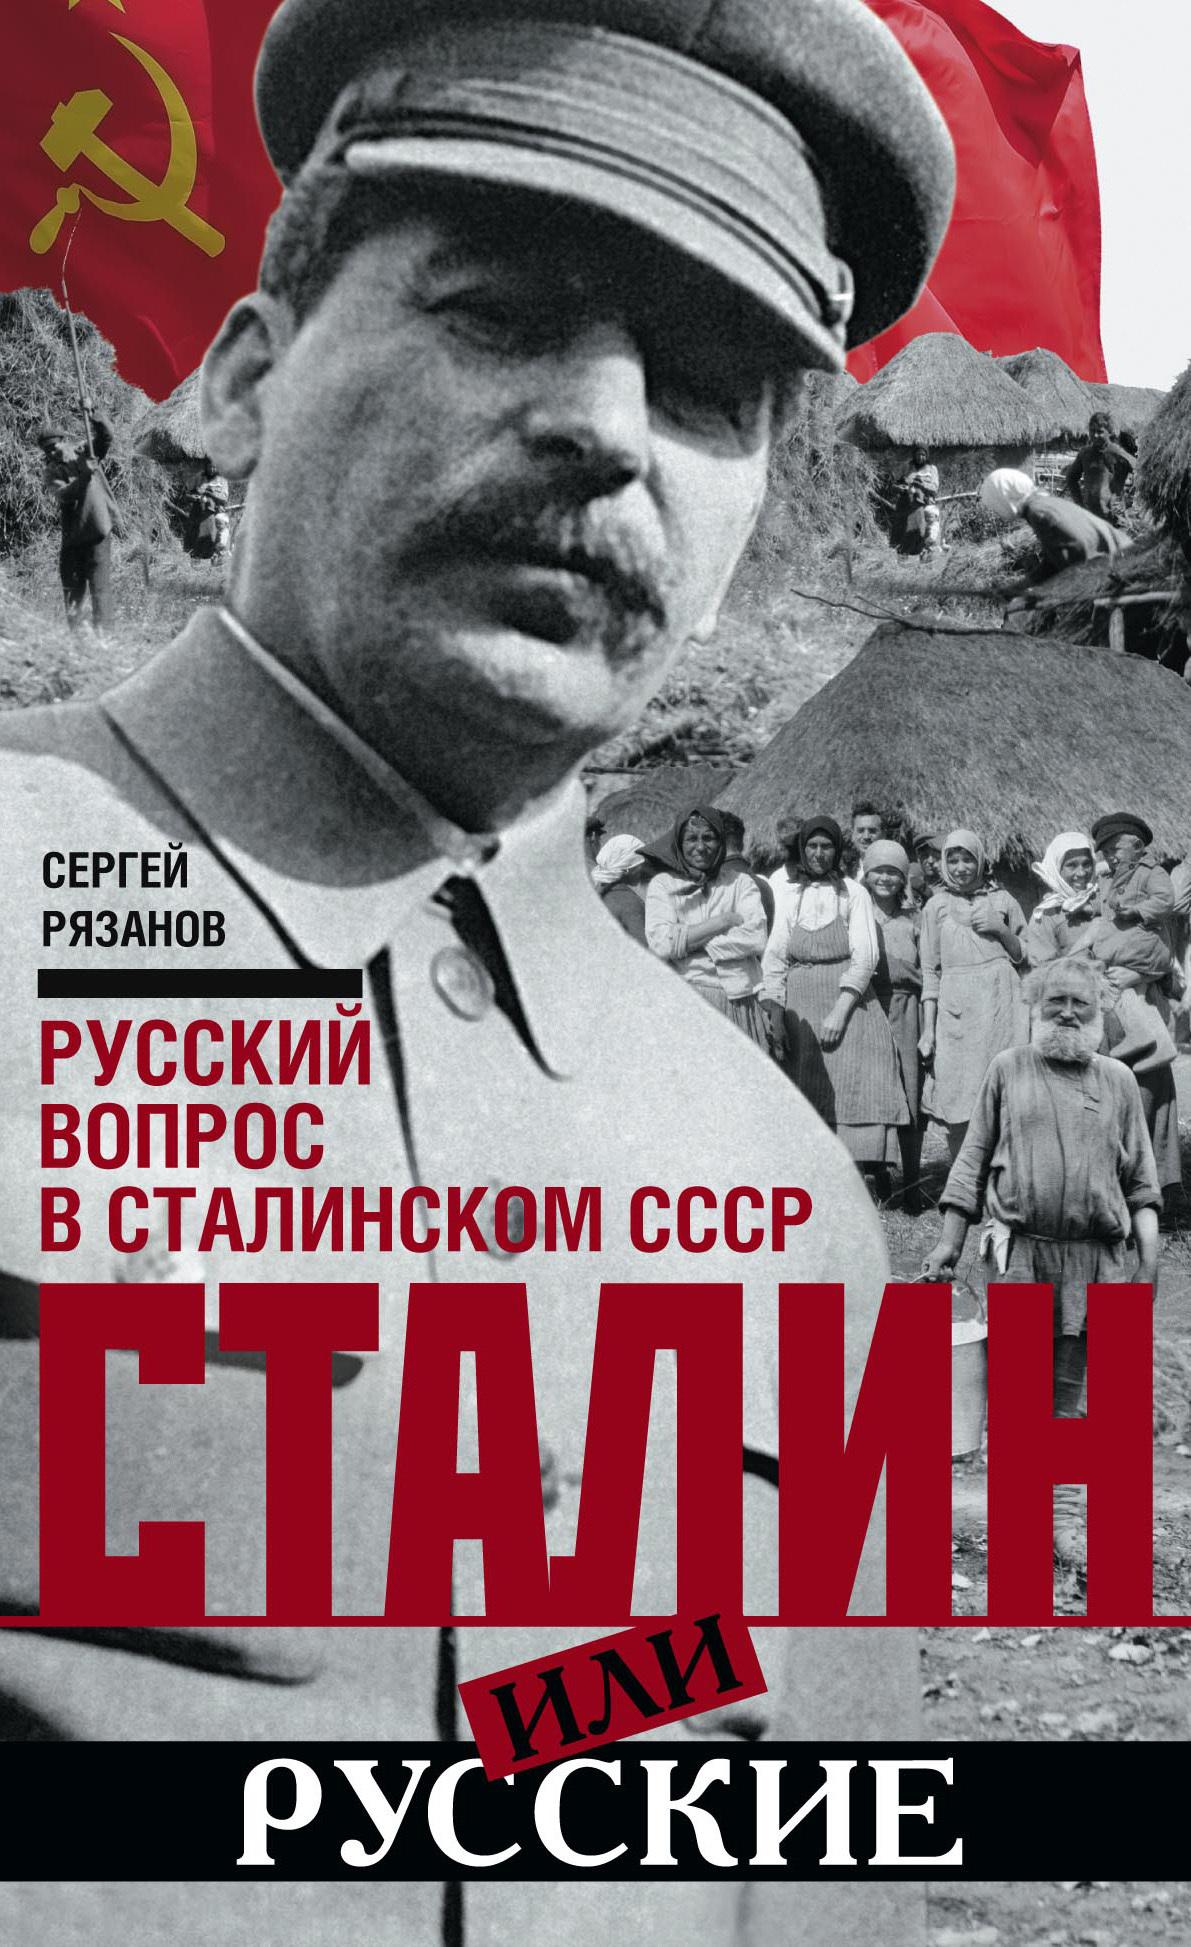 Сергей Рязанов. Сталин или русские. Русский вопрос в сталинском СССР